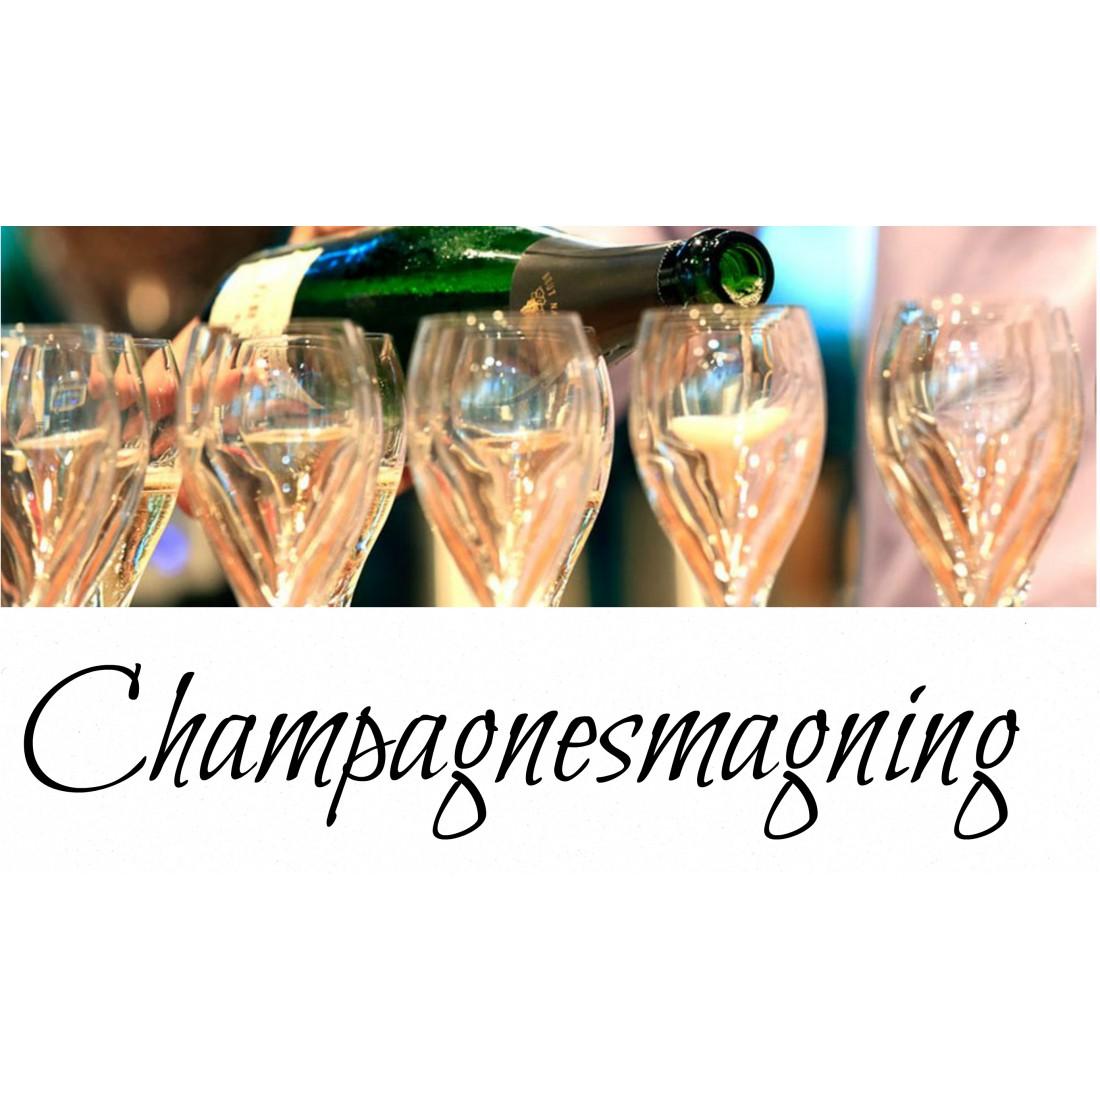 Champagnesmagning lørdag den 14 september kl. 19.00 I ChampagneKælderen-31